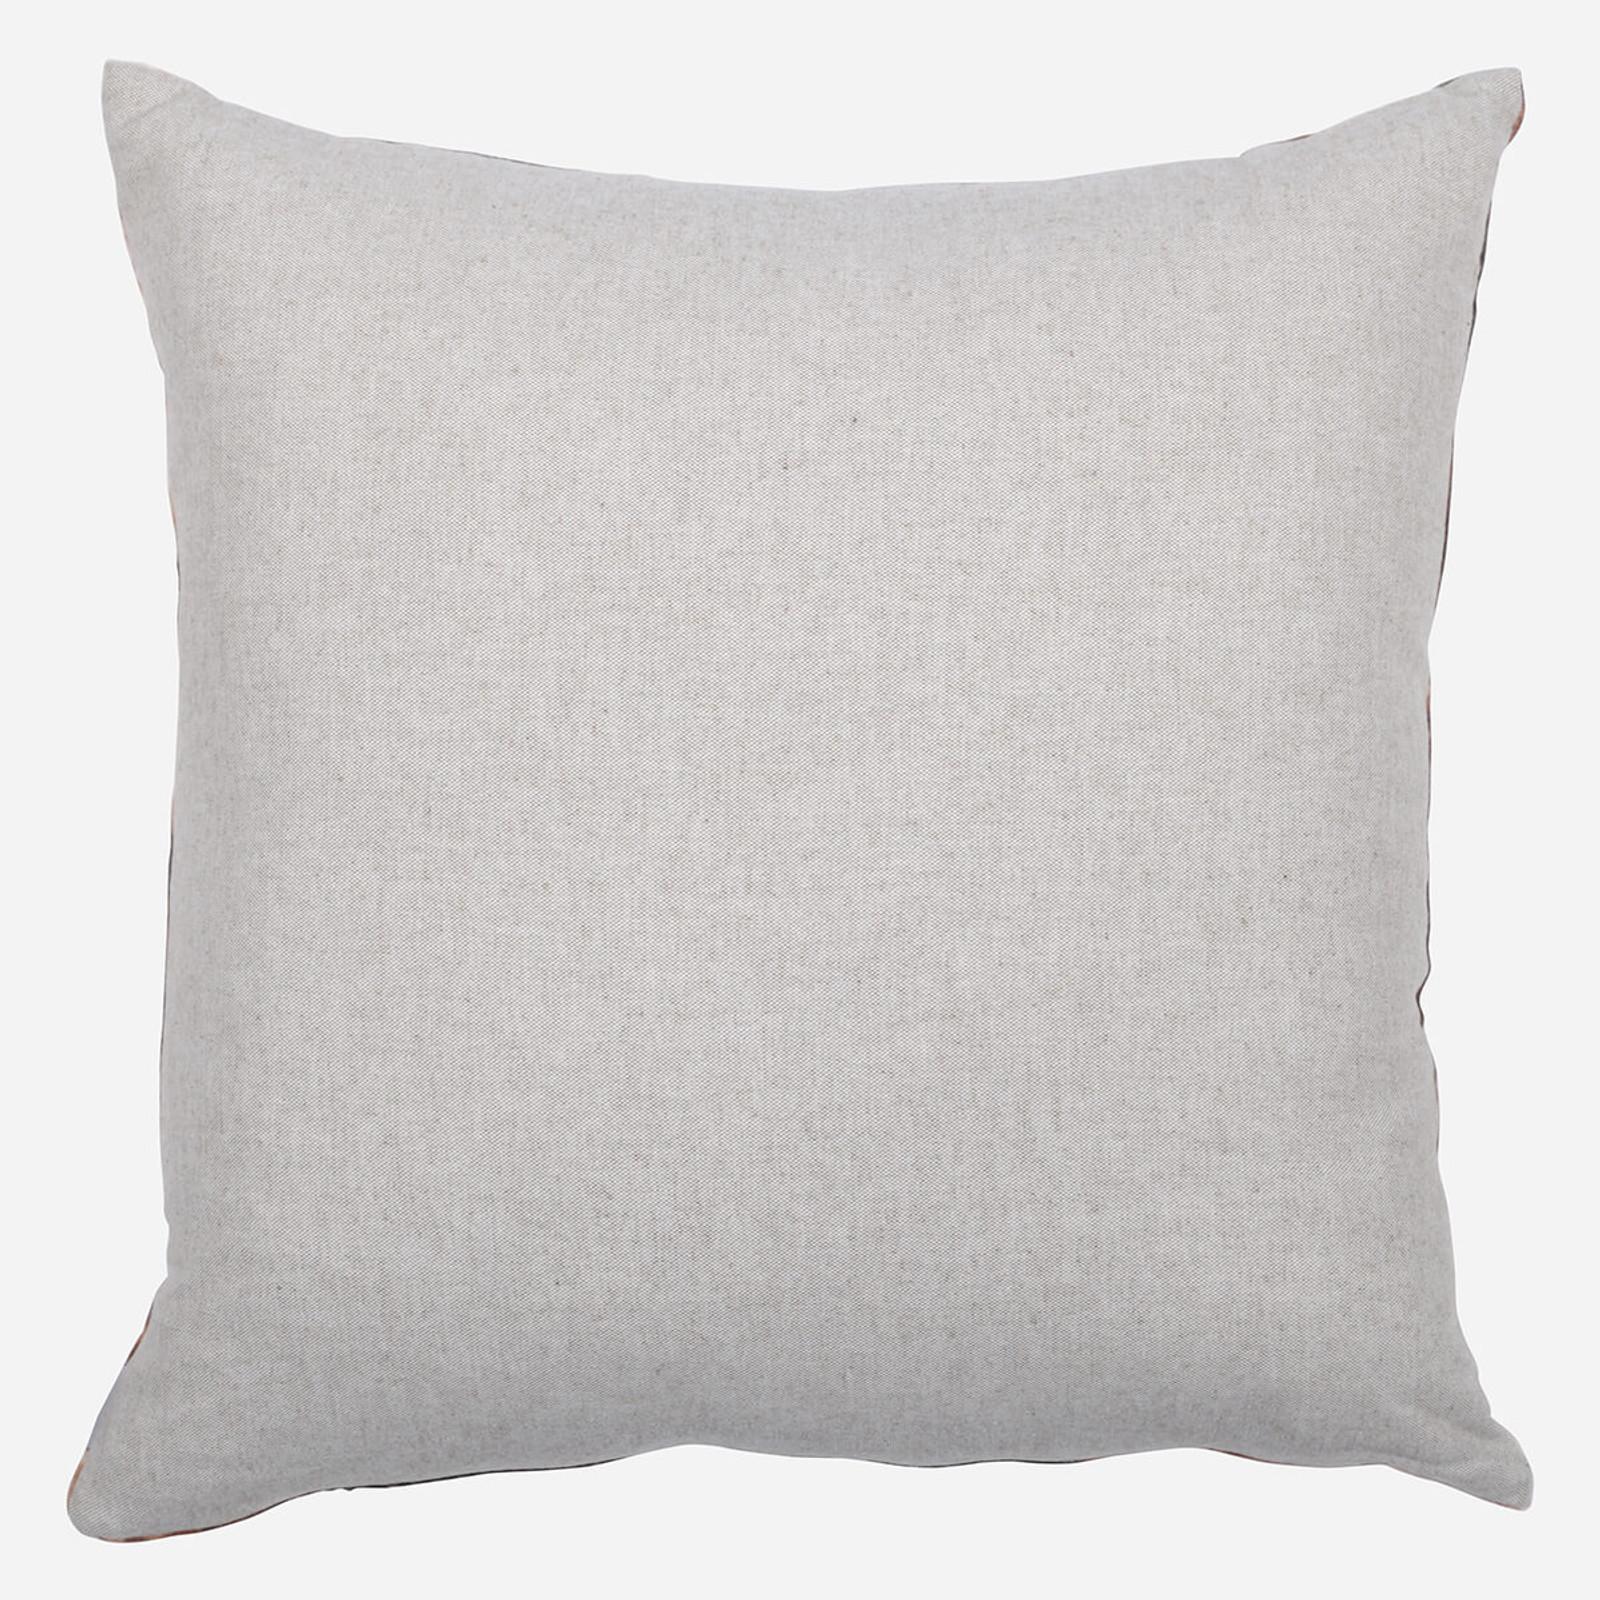 Tie Dye 20 x 20 Pillow